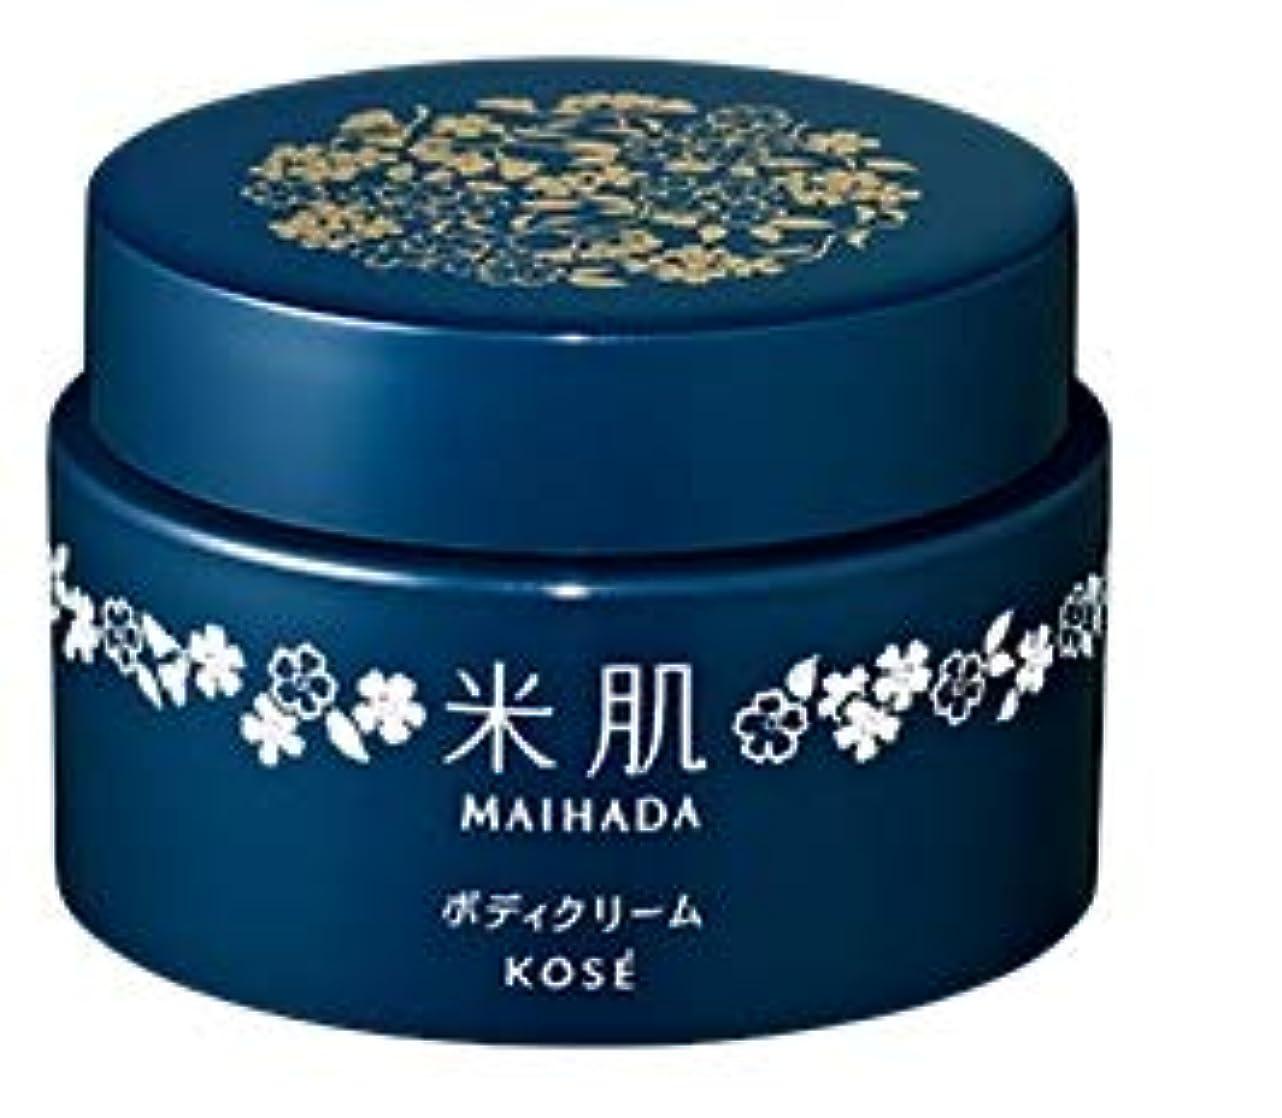 マサッチョ居間乱用米肌(MAIHADA) 肌潤ボディクリーム コーセー KOSE